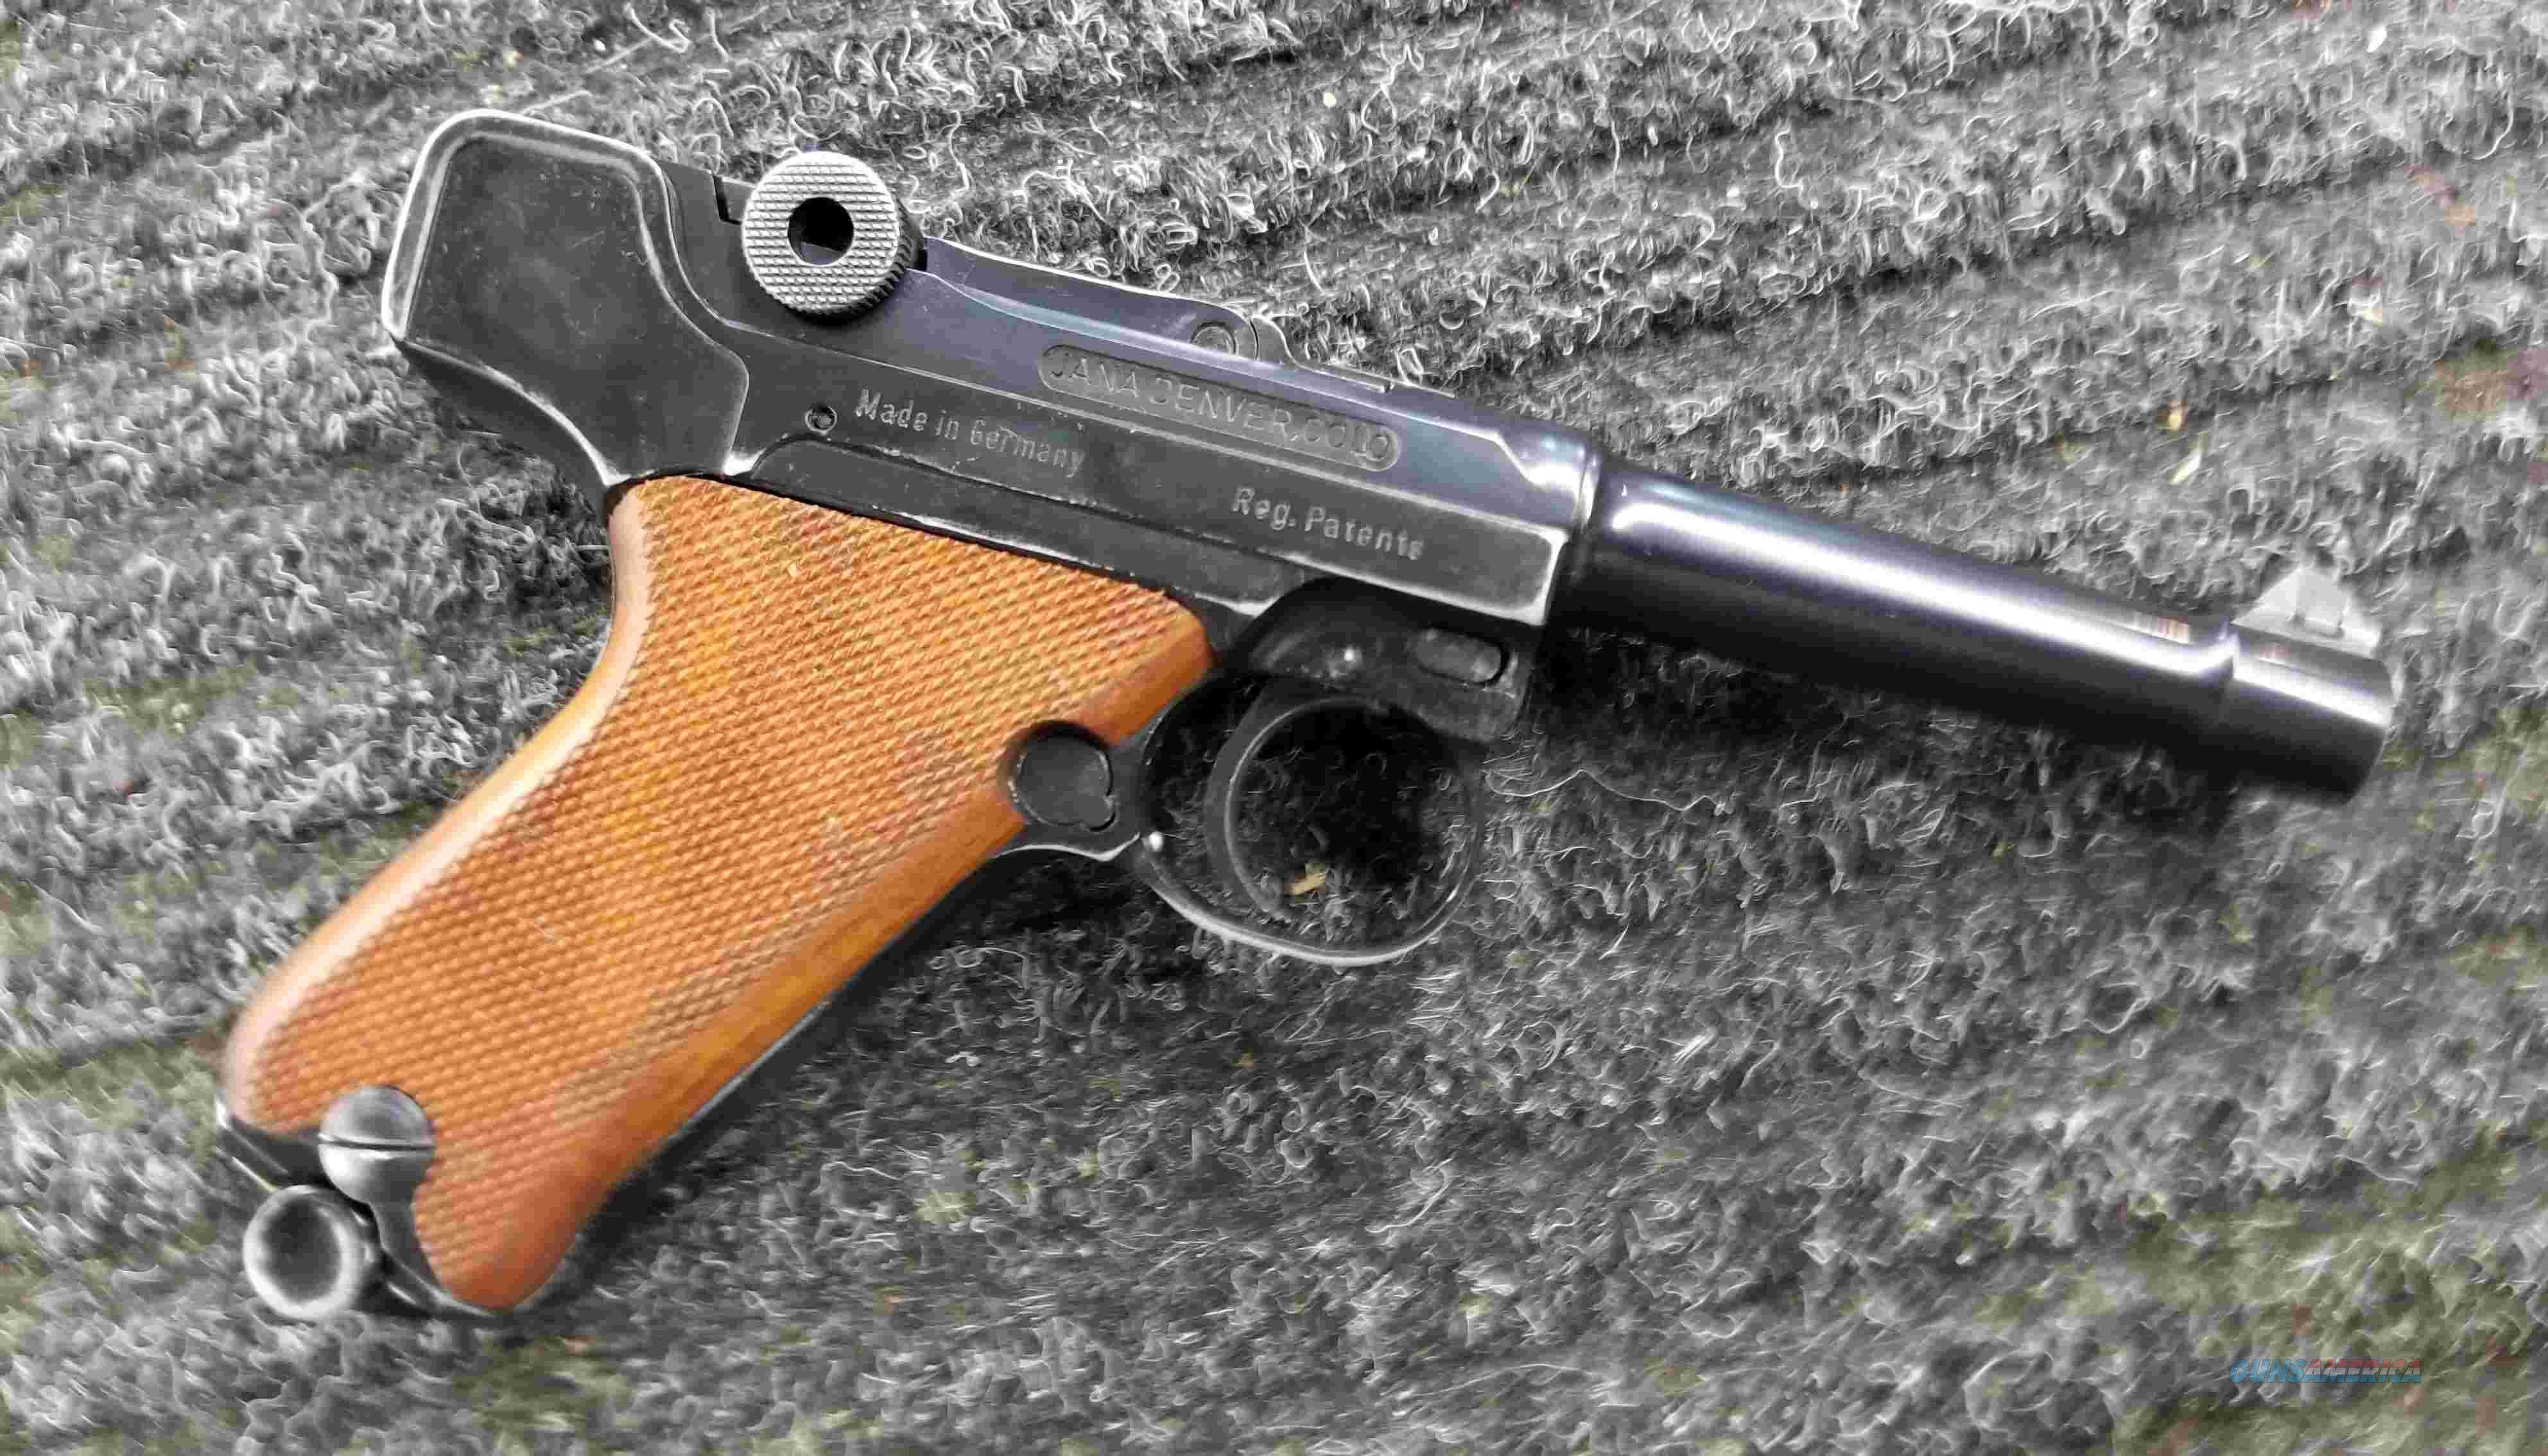 Erma Werke Baby Luger 380 ACP  Guns > Pistols > Erma/Erma Werke